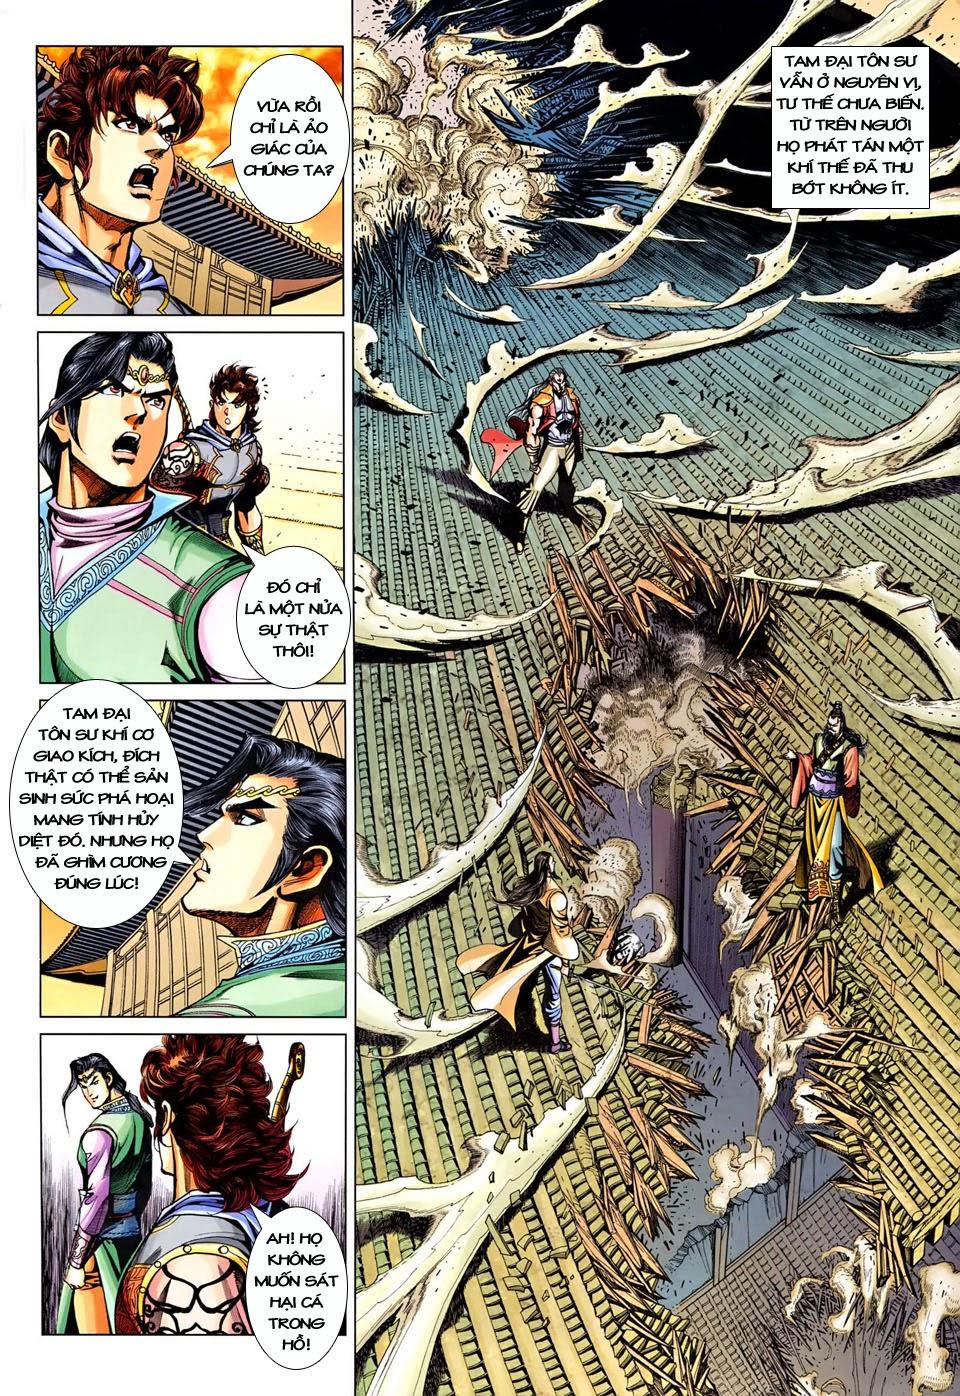 Đại Đường Song Long Truyện chap 250 - Trang 10